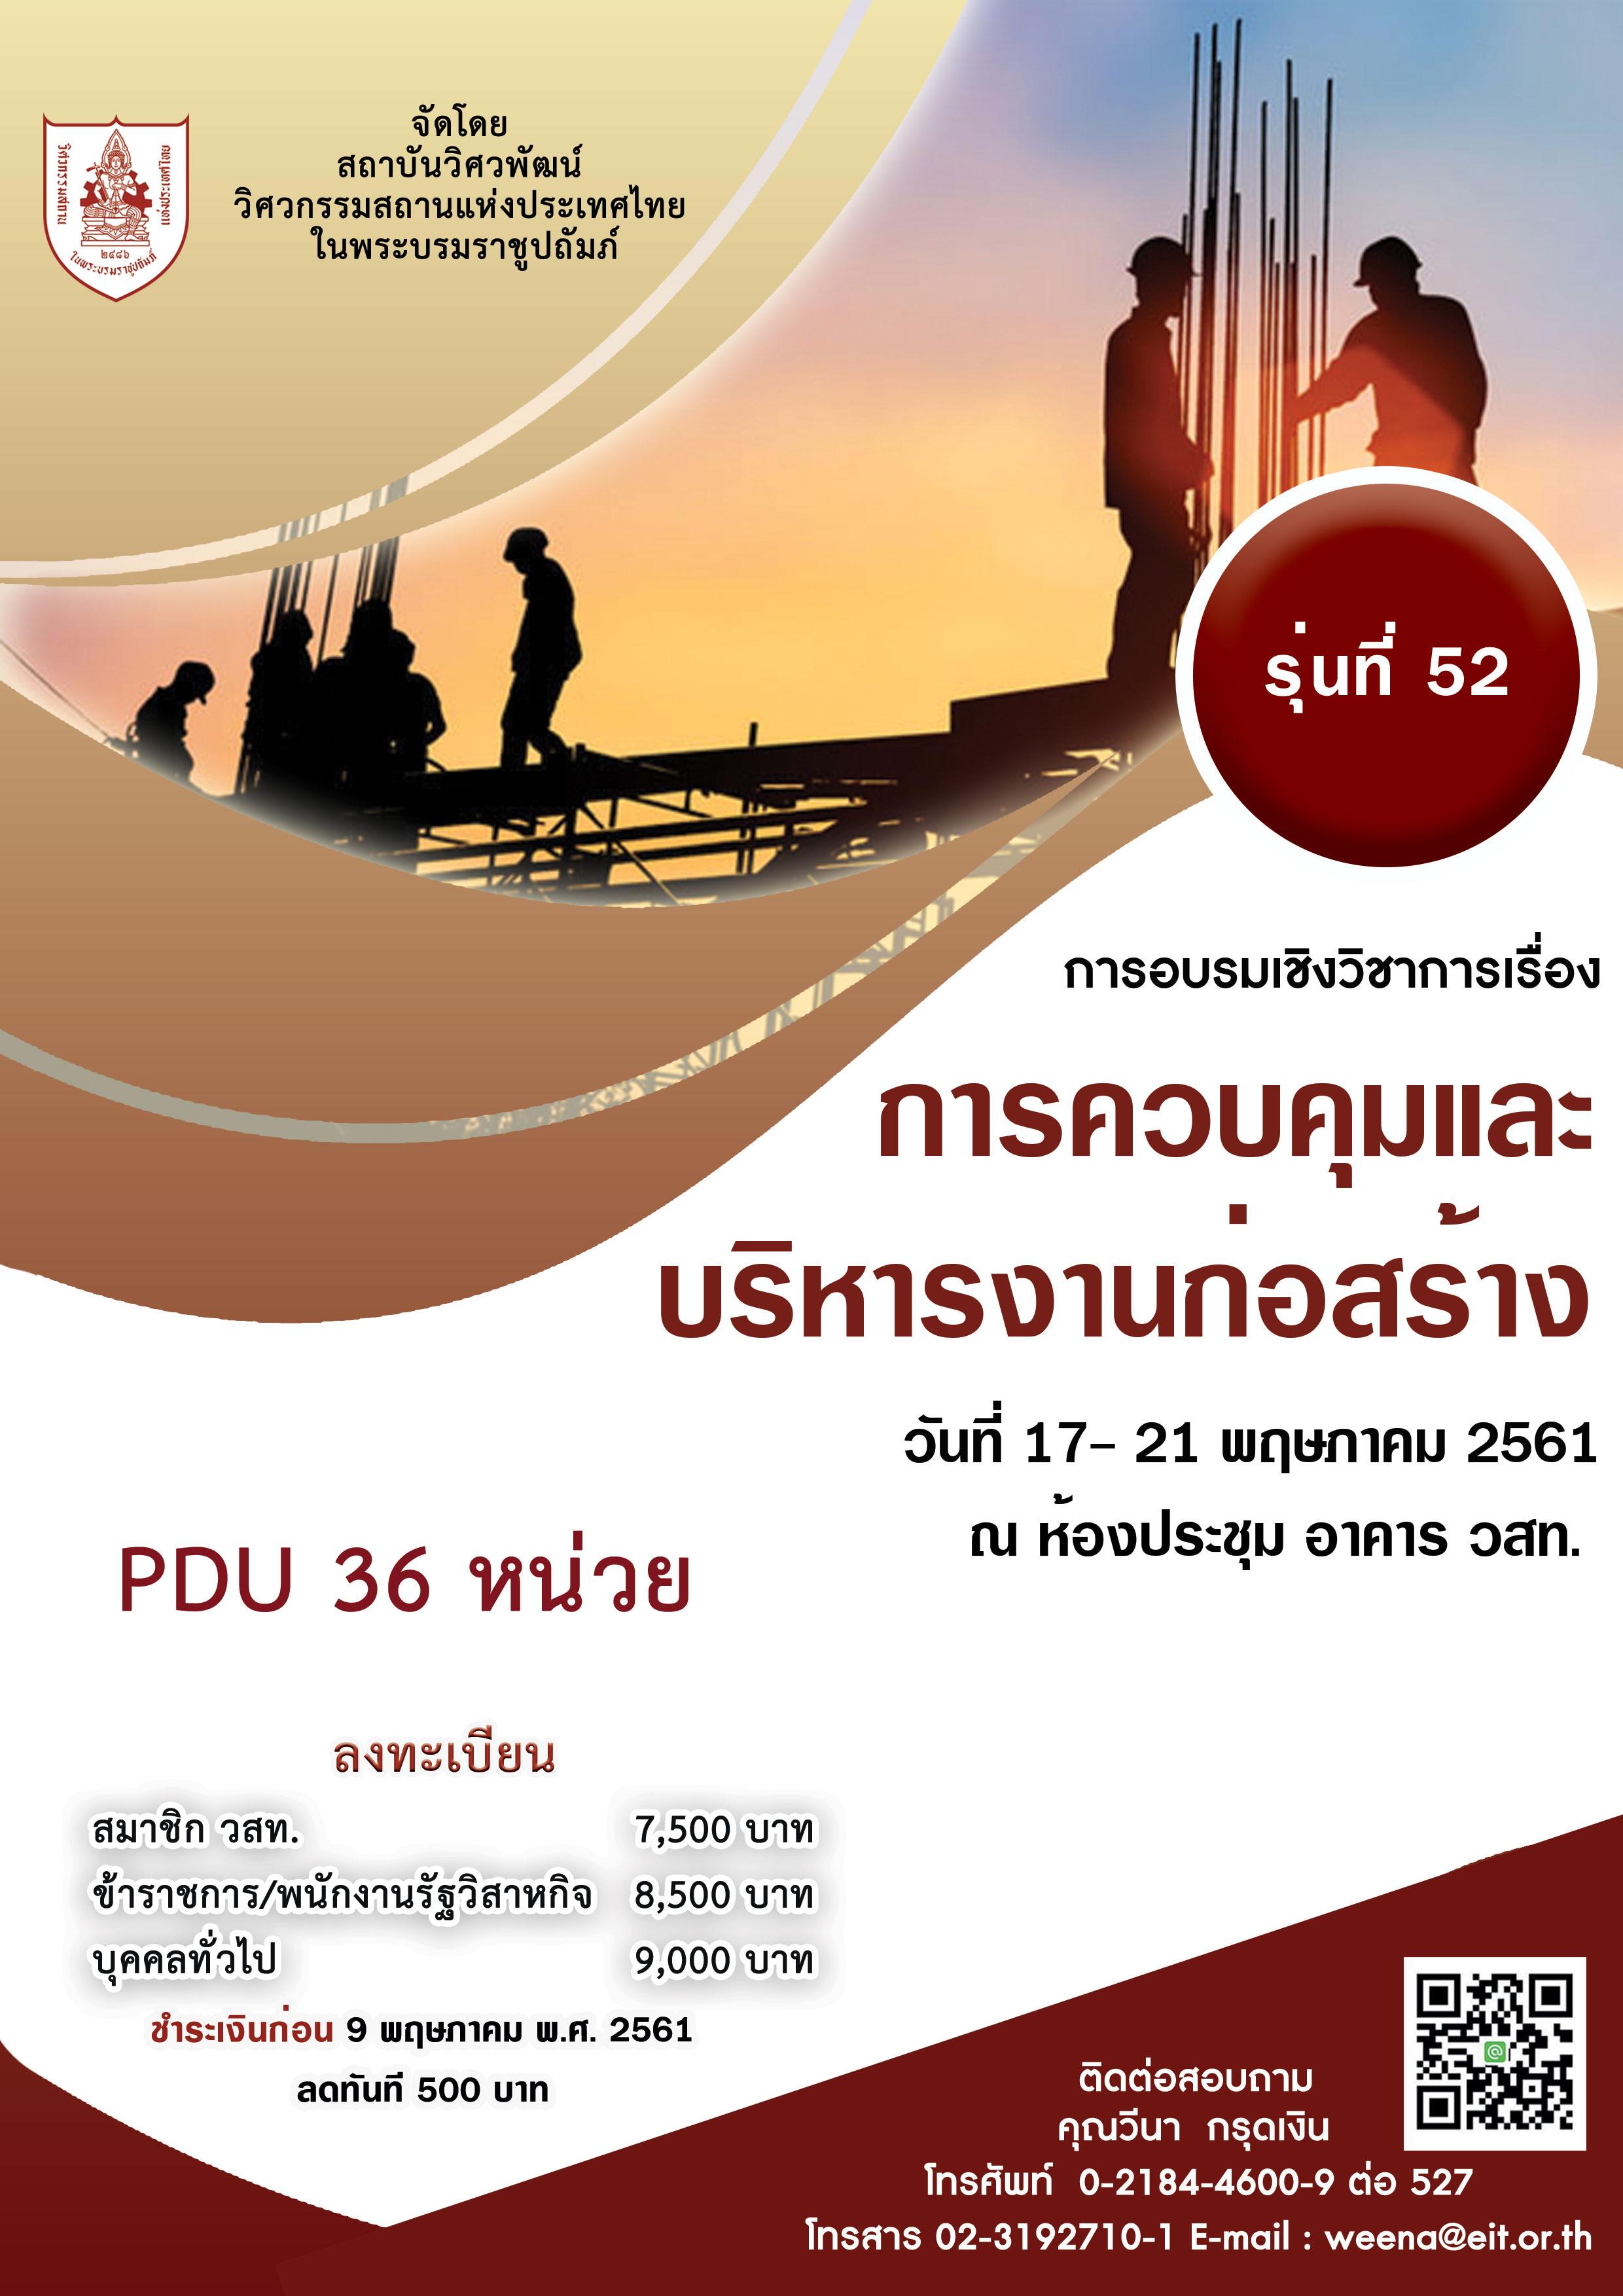 """17-20/05/2518 การอบรมเชิงวิชาการเรื่อง """"การควบคุมและบริหารงานก่อสร้าง""""  รุ่นที่ 52"""